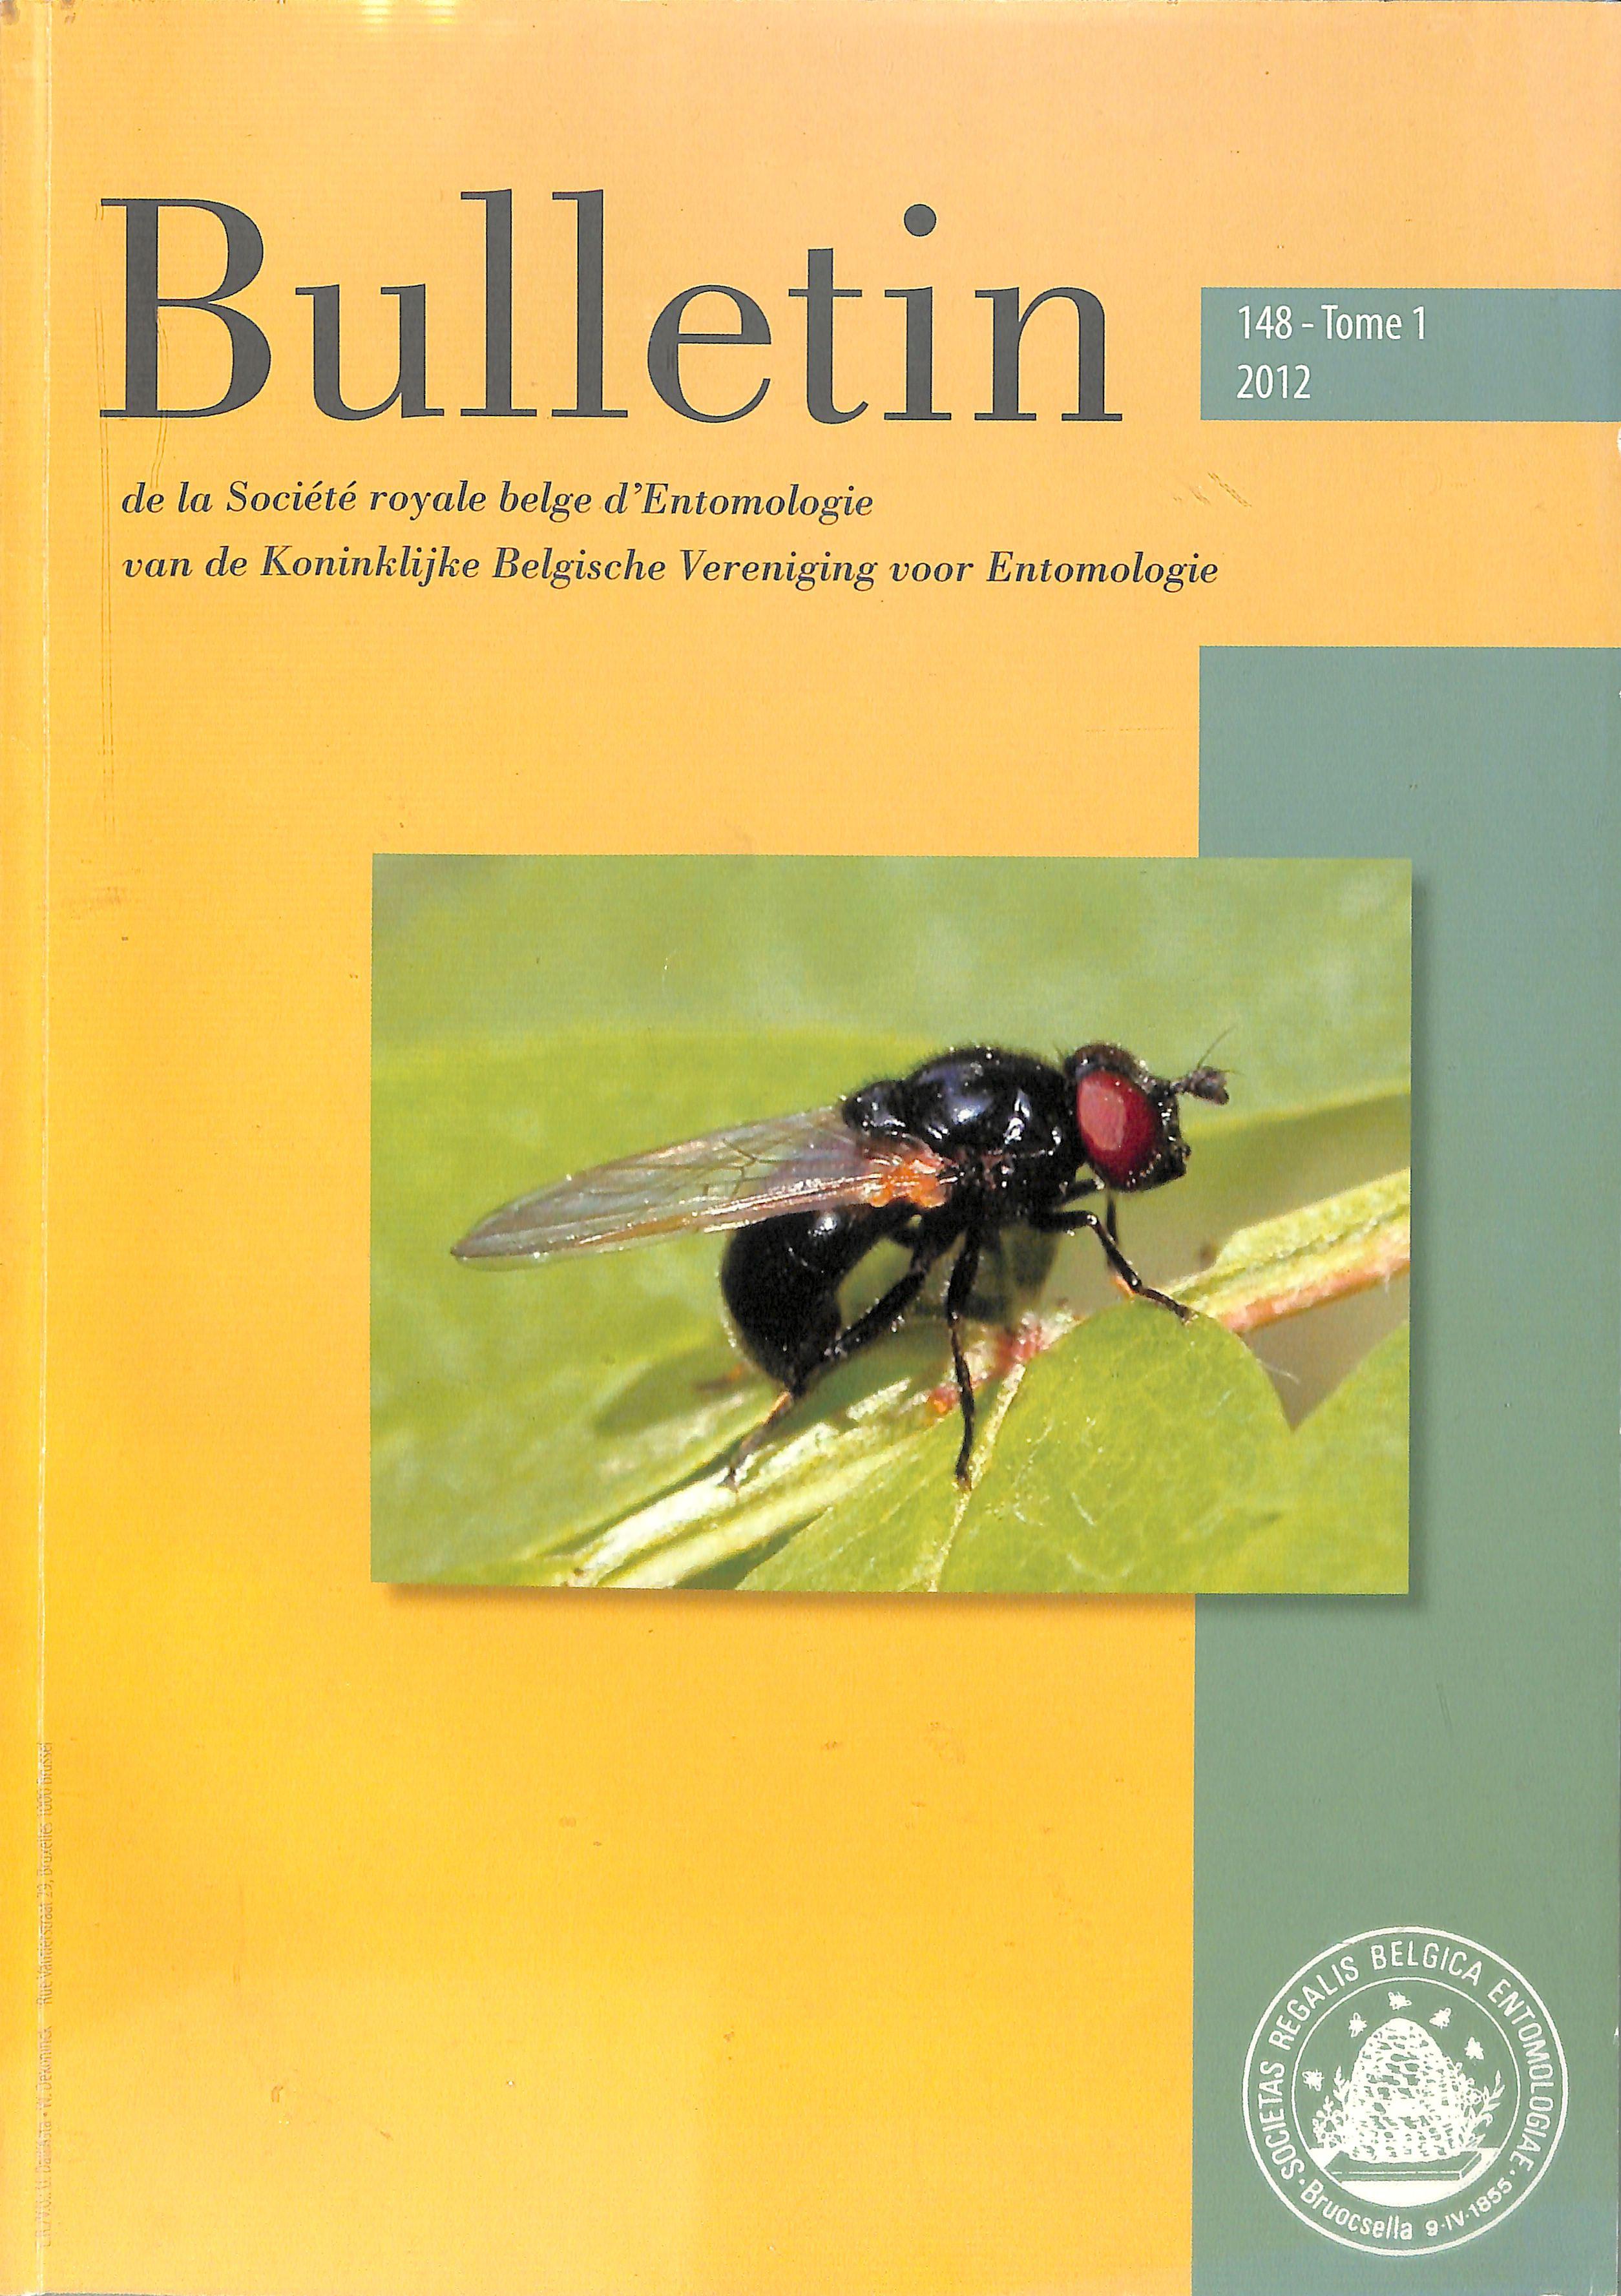 Bull 148-2002 T1 cover.jpg